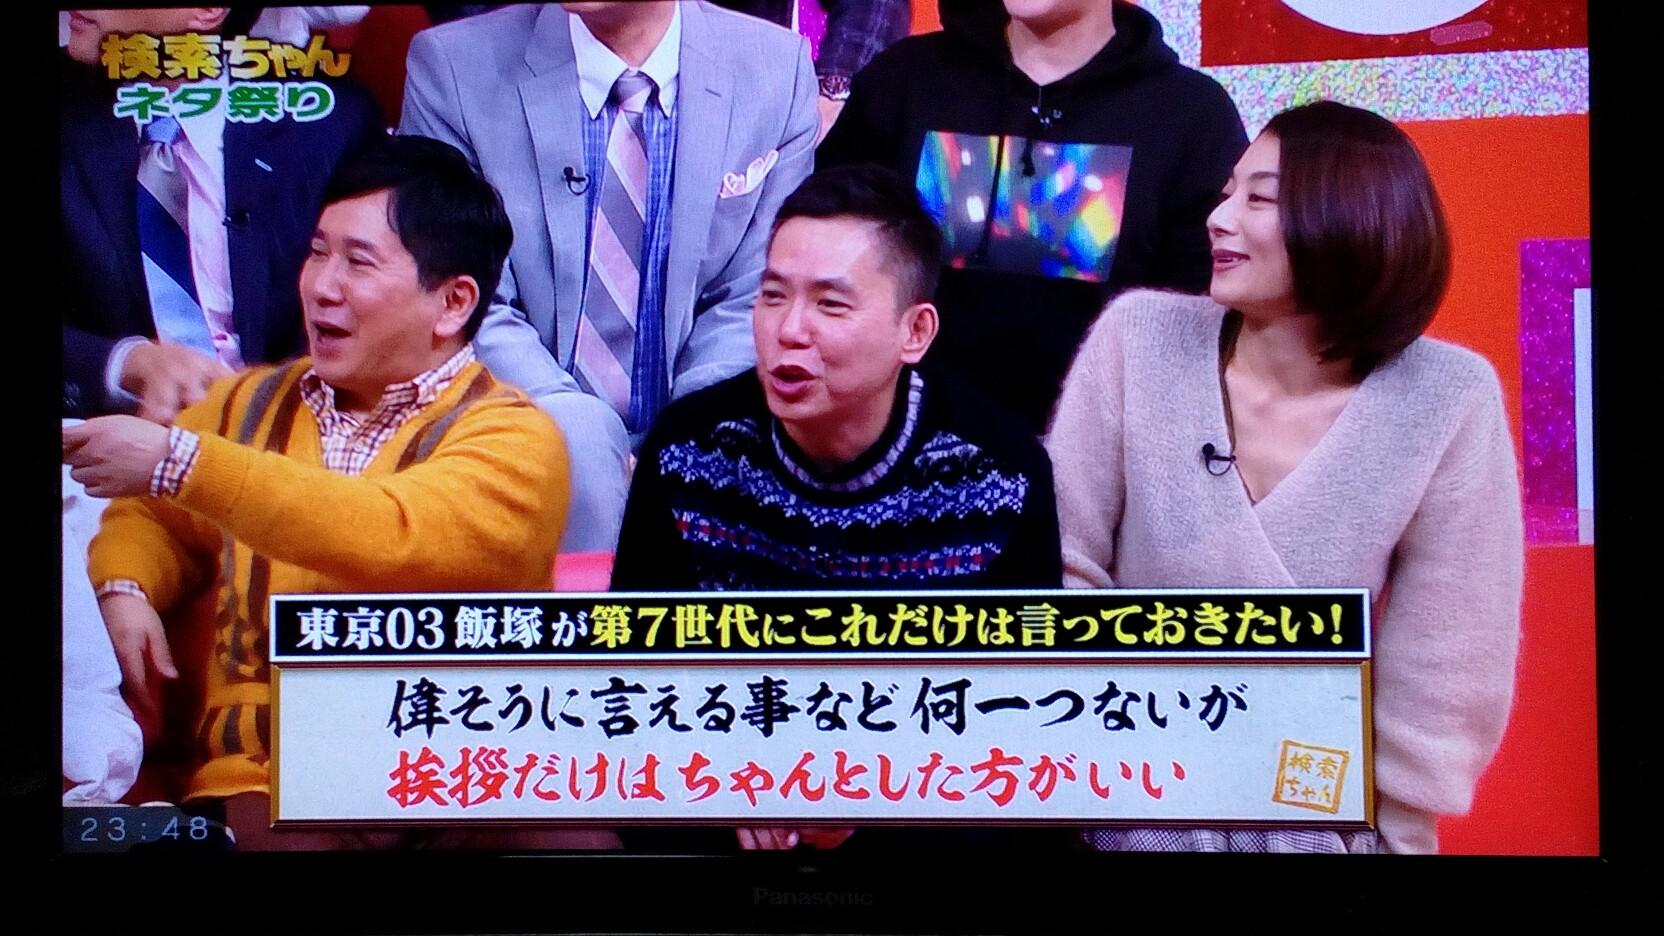 と 東京 03 紳助